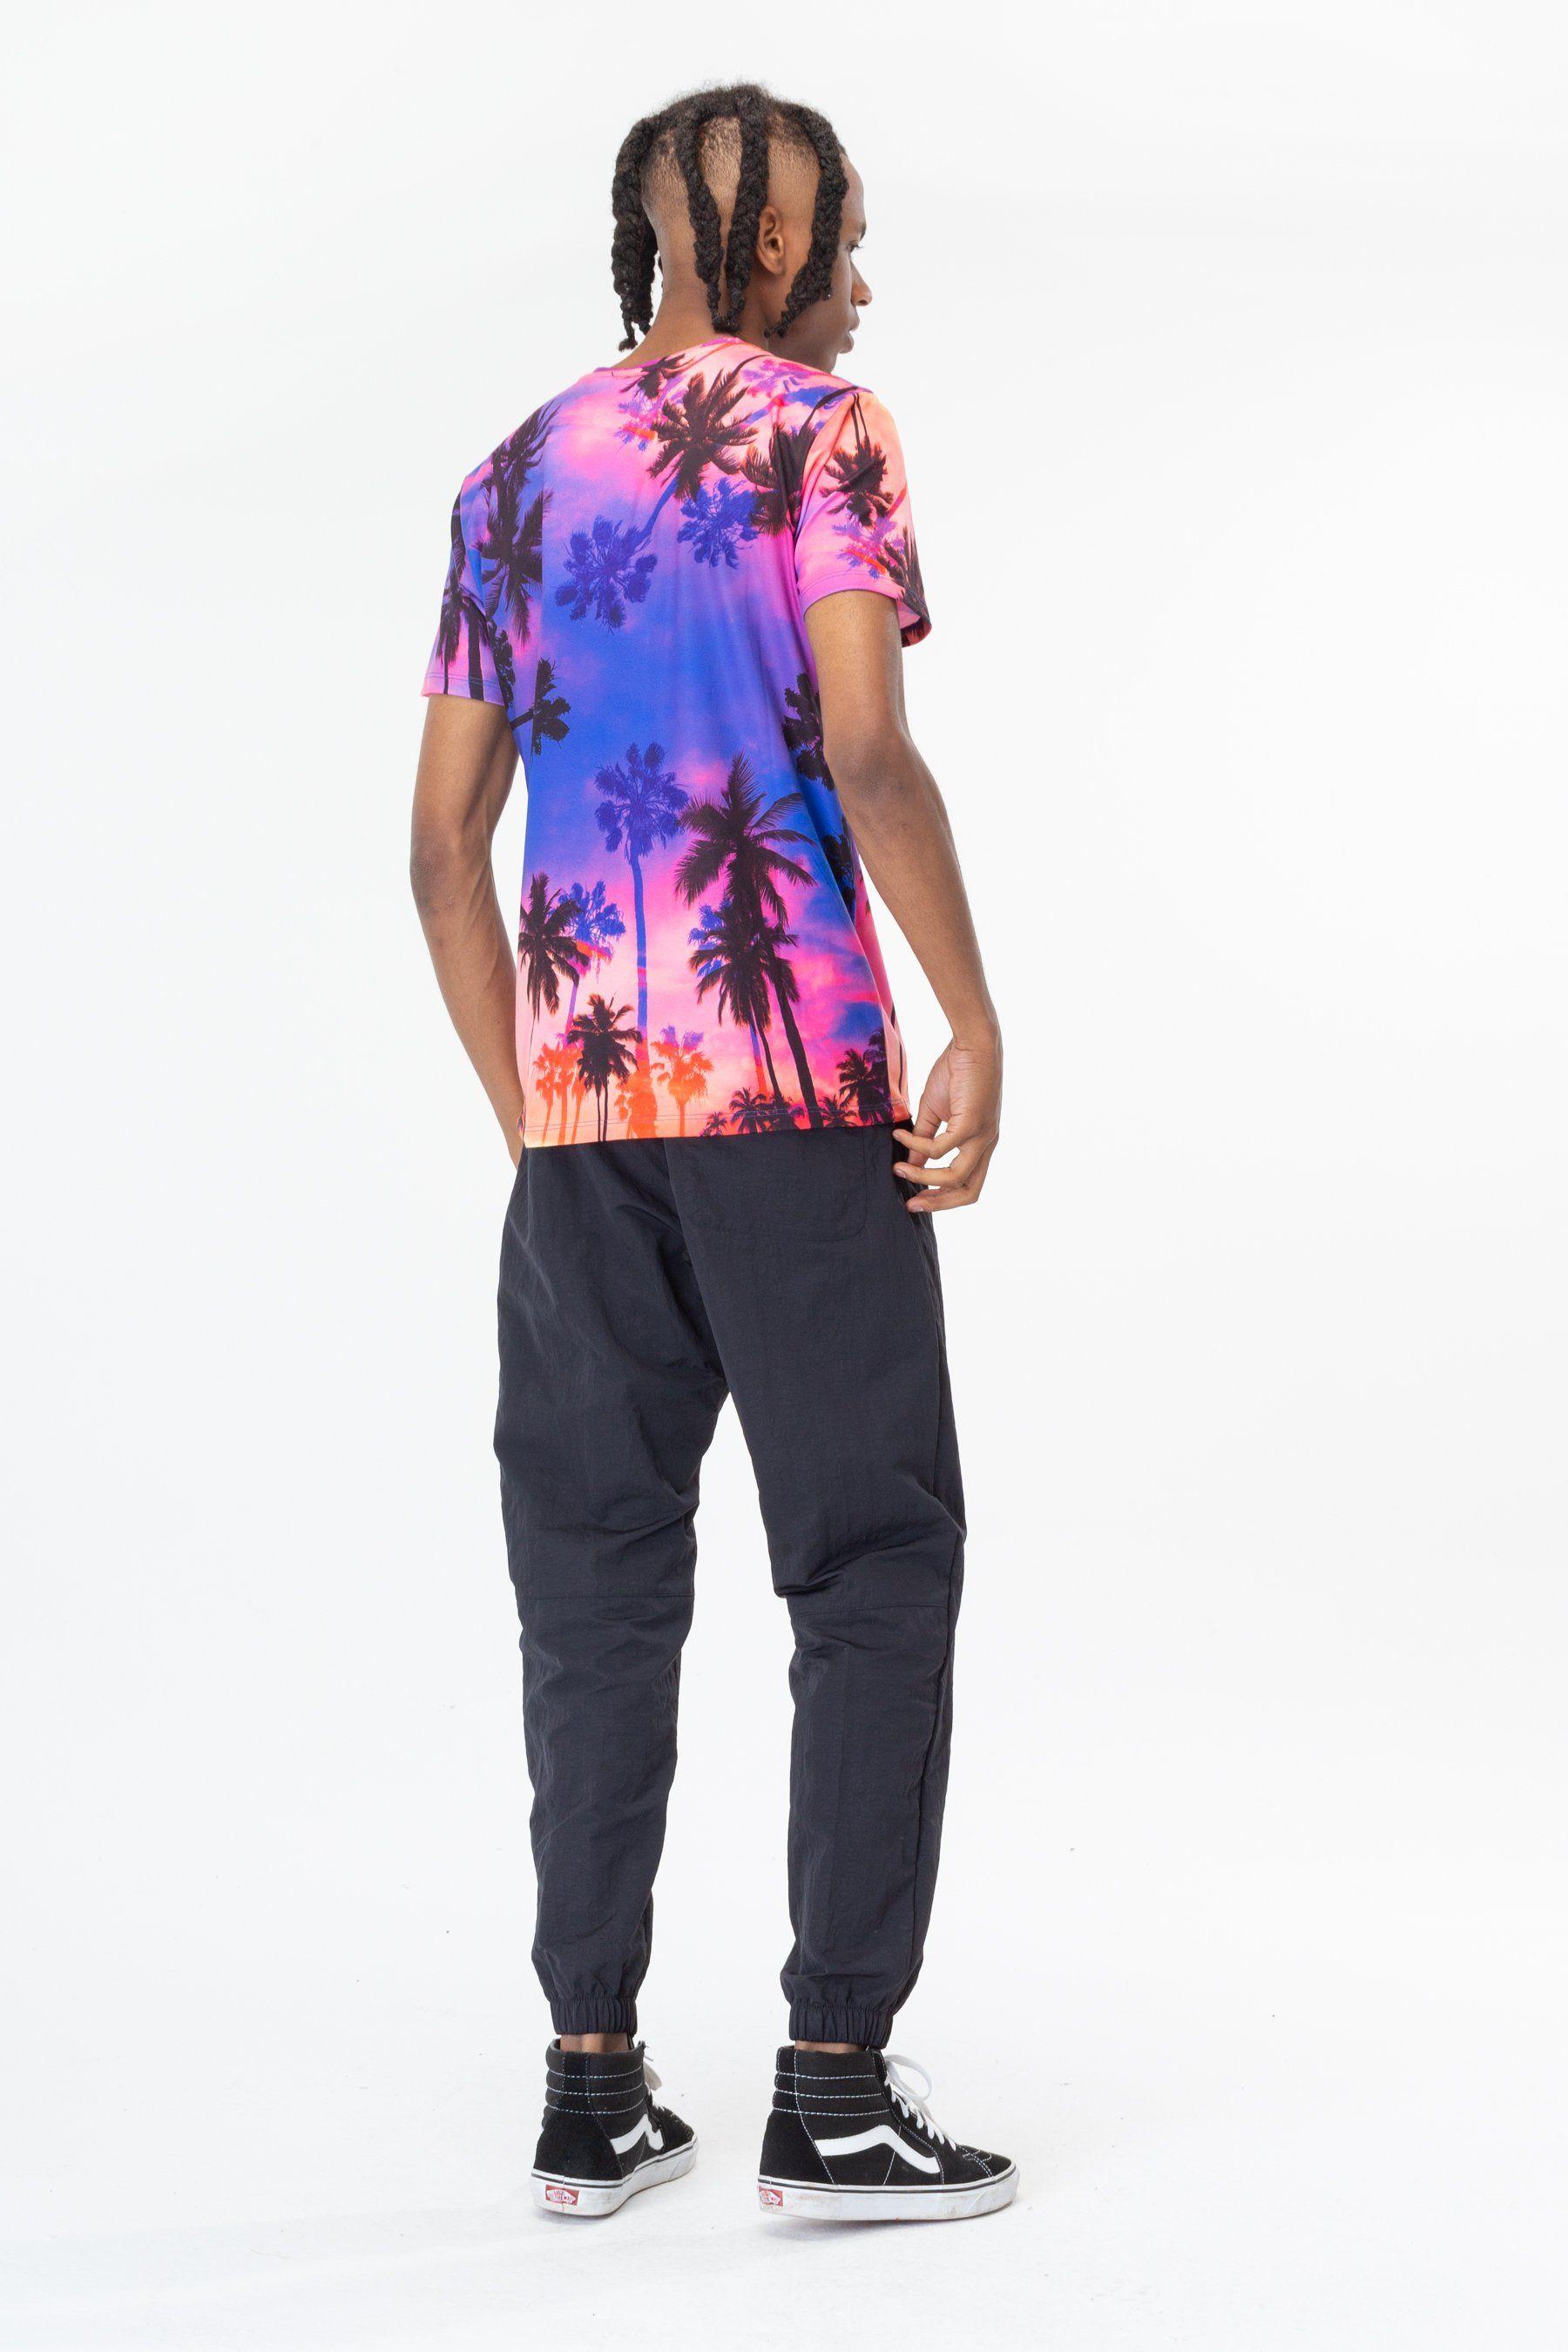 Hype Palm Physics Mens T-Shirt Xs